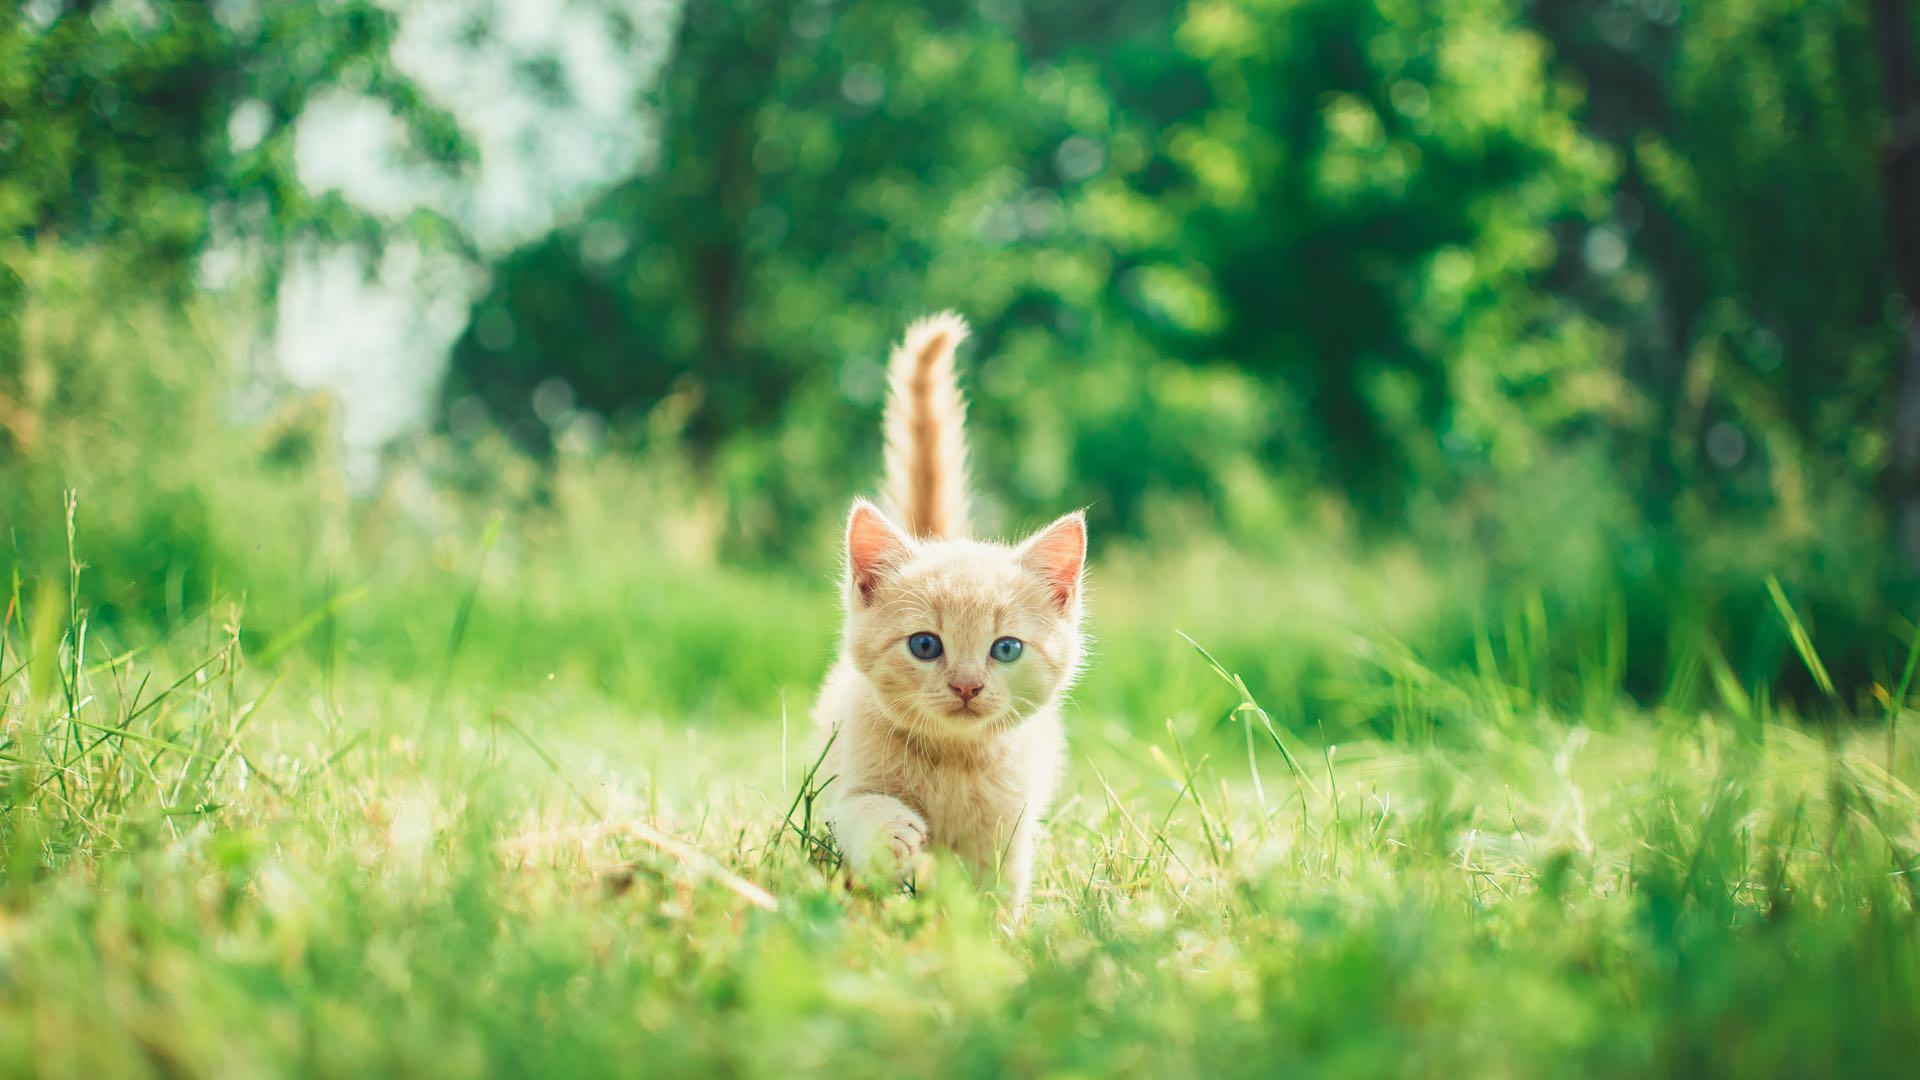 Cats Wallpapers Desktop - Amazing Happy Kitten